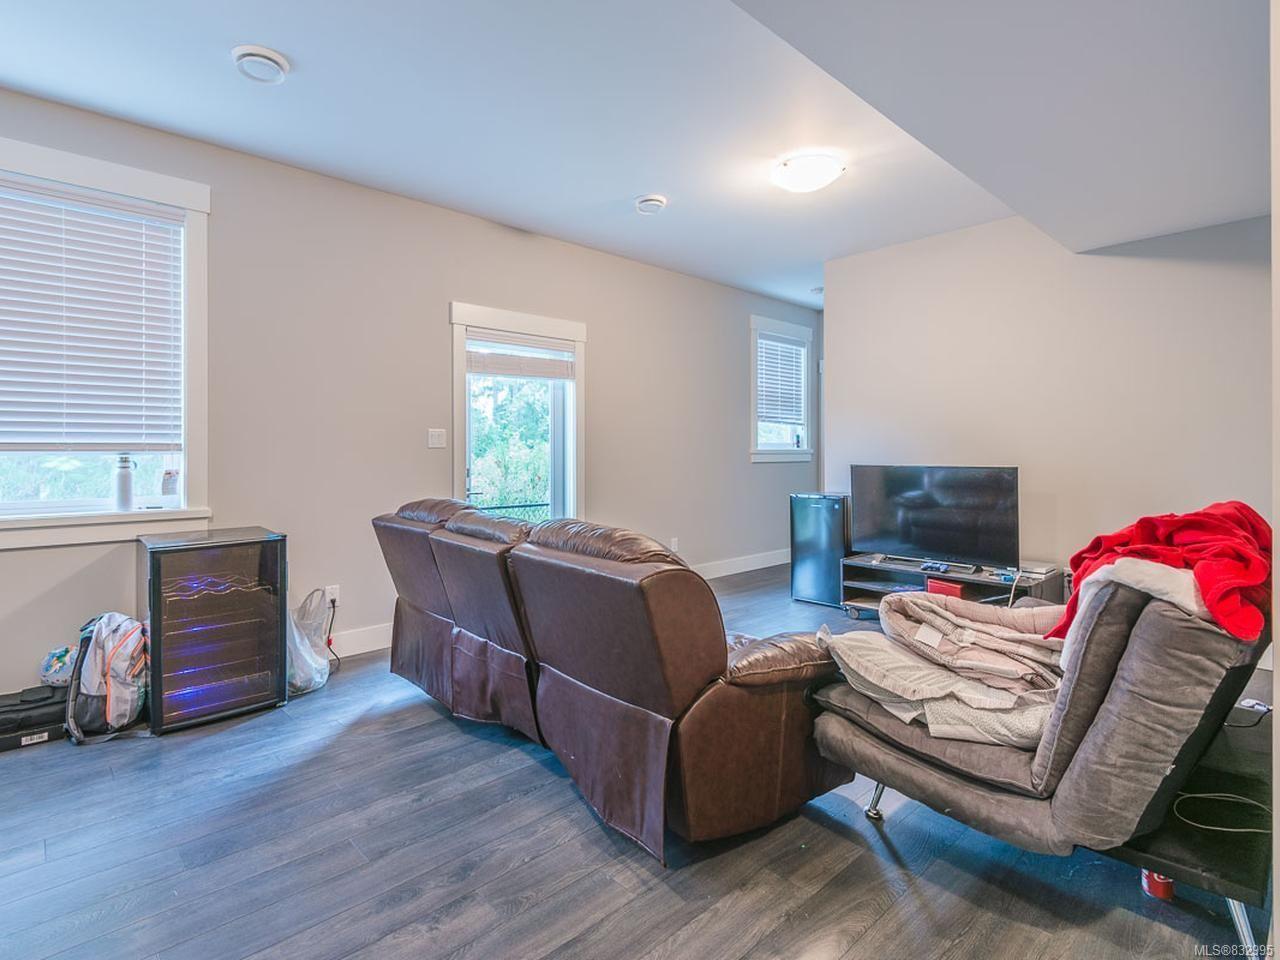 Photo 21: Photos: 5896 Linyard Rd in NANAIMO: Na North Nanaimo House for sale (Nanaimo)  : MLS®# 832995